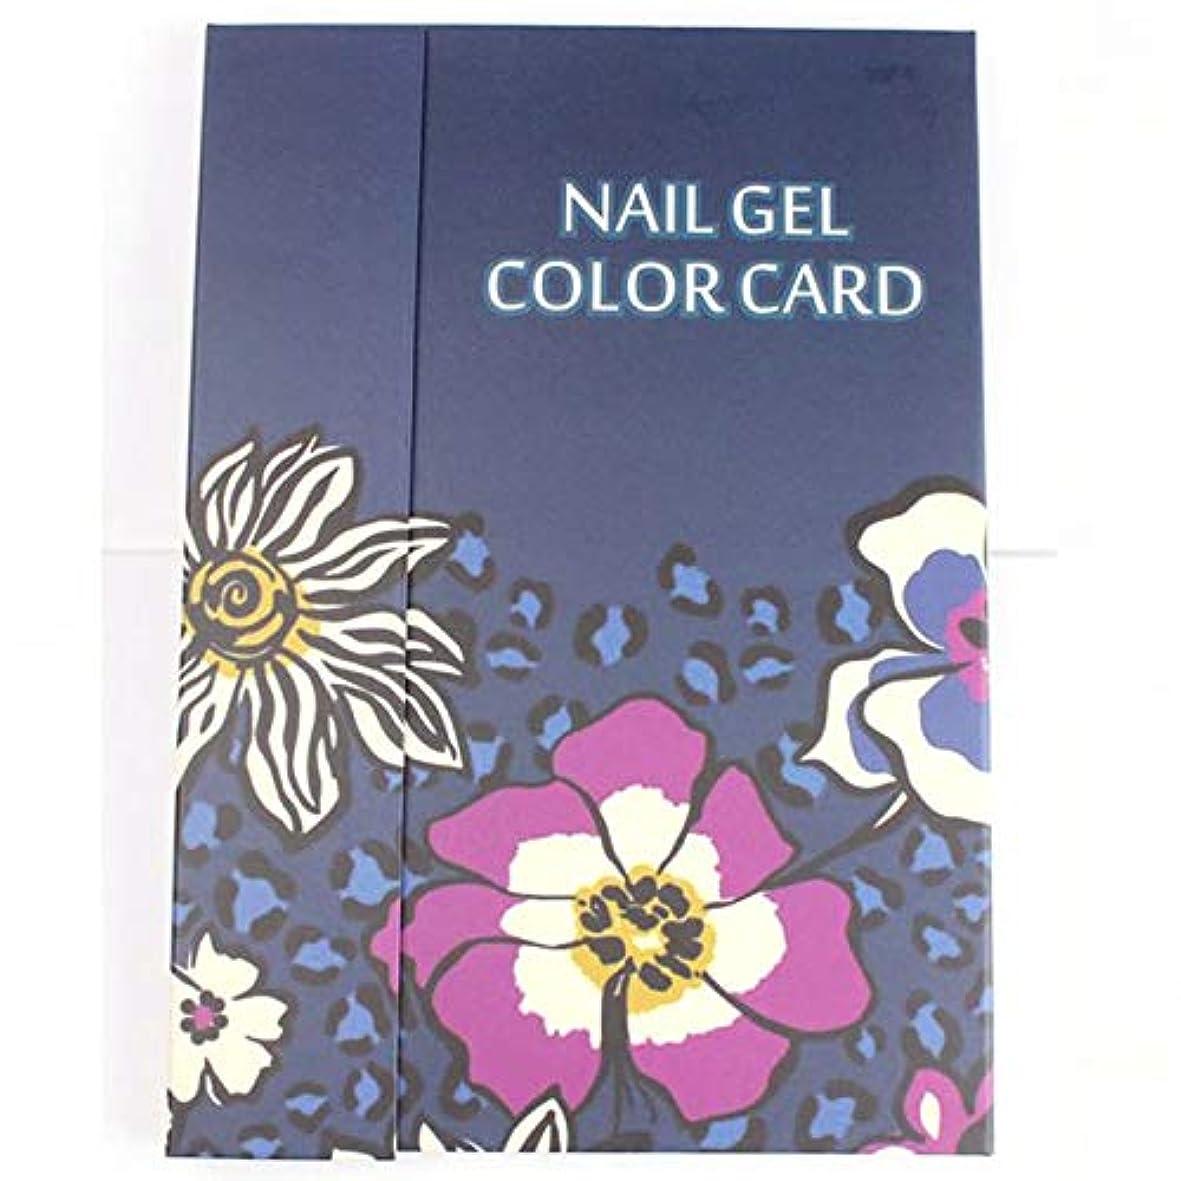 評議会シーフード真実にDC ネイルカラーカード マニキュア カラーカード 180色 ネイルアート ジェル カード ネイル デザイン 展示ボード